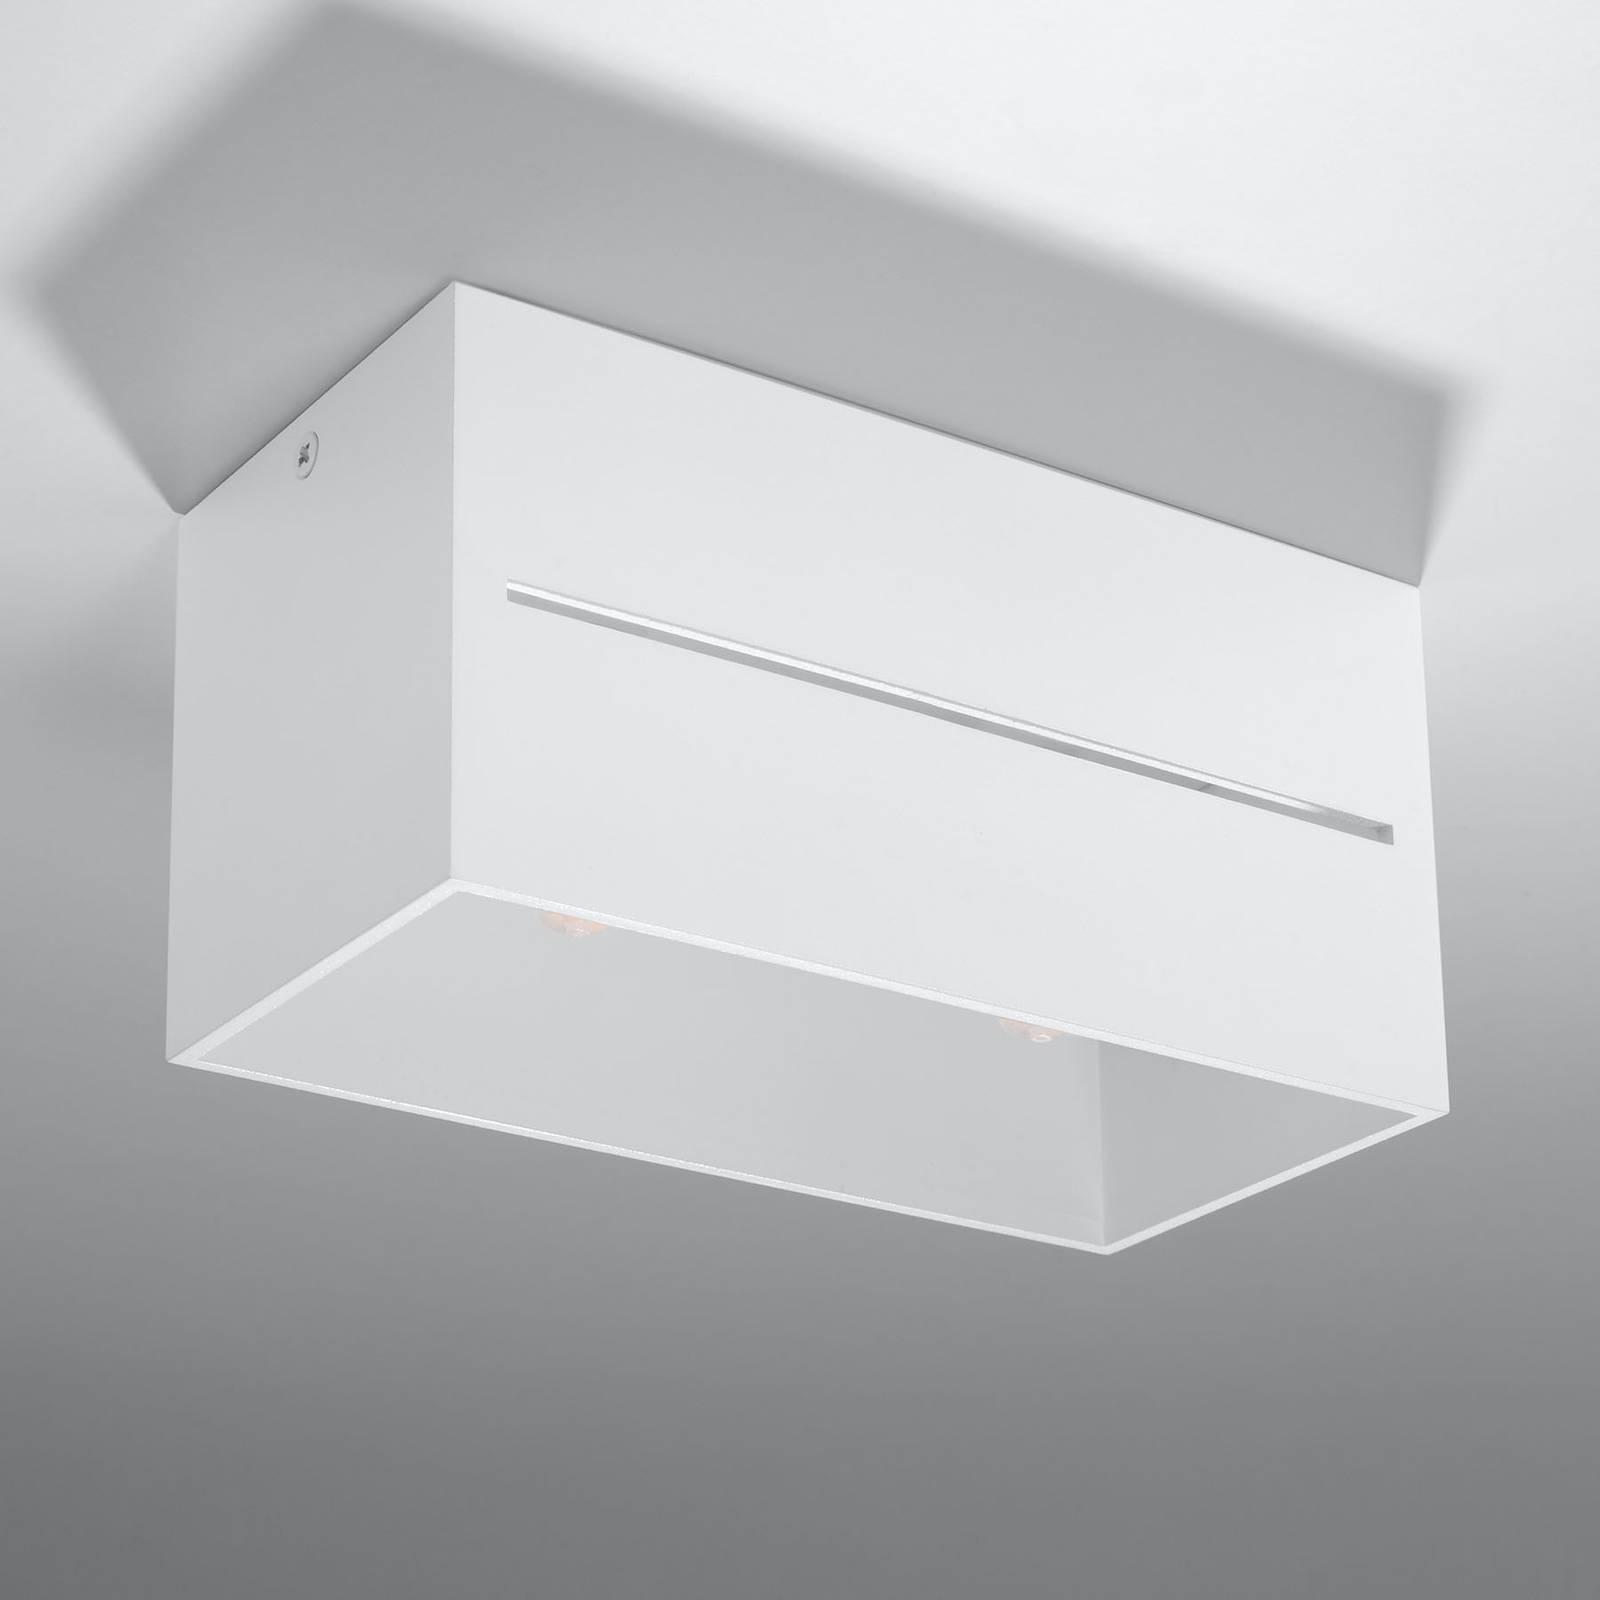 Kattovalaisin Top Maxi alumiinia, valkoinen